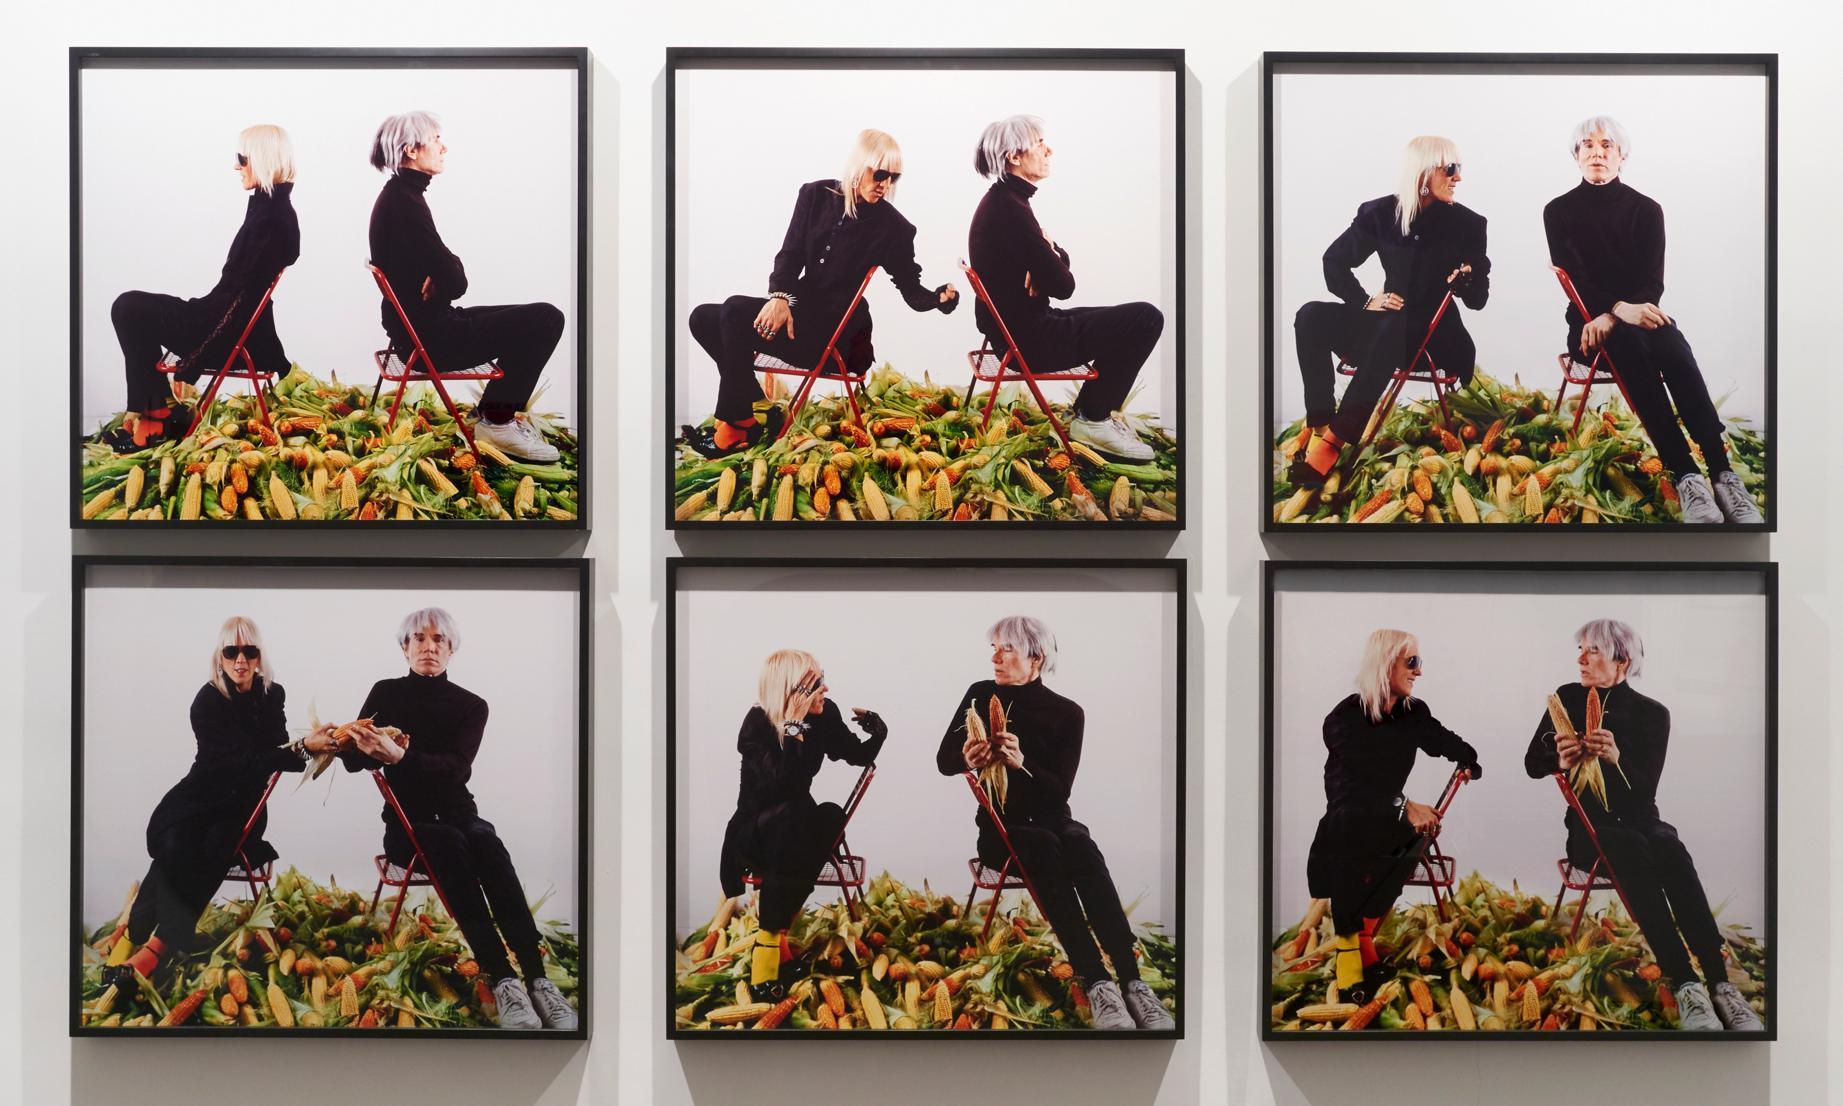 """Marta Minujin, """"Spłata argentyńskiego długu zagranicznego Andy Warholowi kukurydzą, latyno-amerykańskim złotem"""", 1985/2011, dzięki uprzejmości artystki i galerii Henrique Faria (źródło: materiały prasowe organizatora)"""